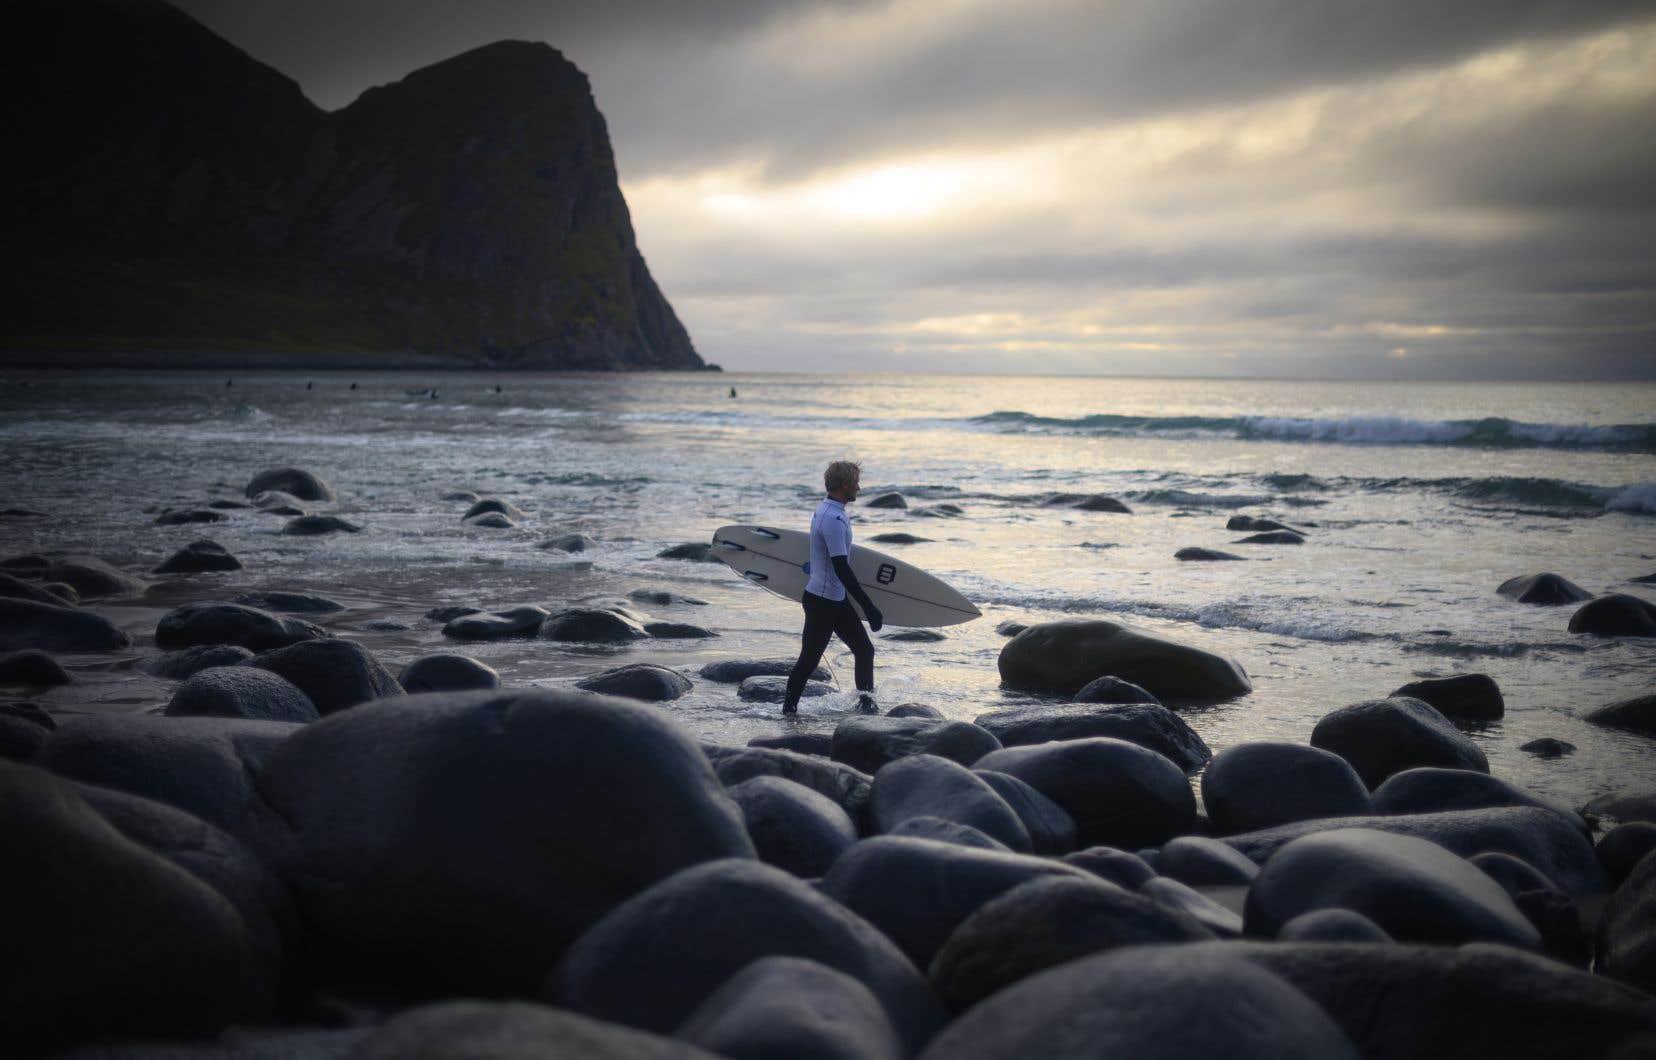 Le rendez-vous est sportif mais aussi convivial pour ces surfeurs qui ne craignent pas l'eau glaciale.